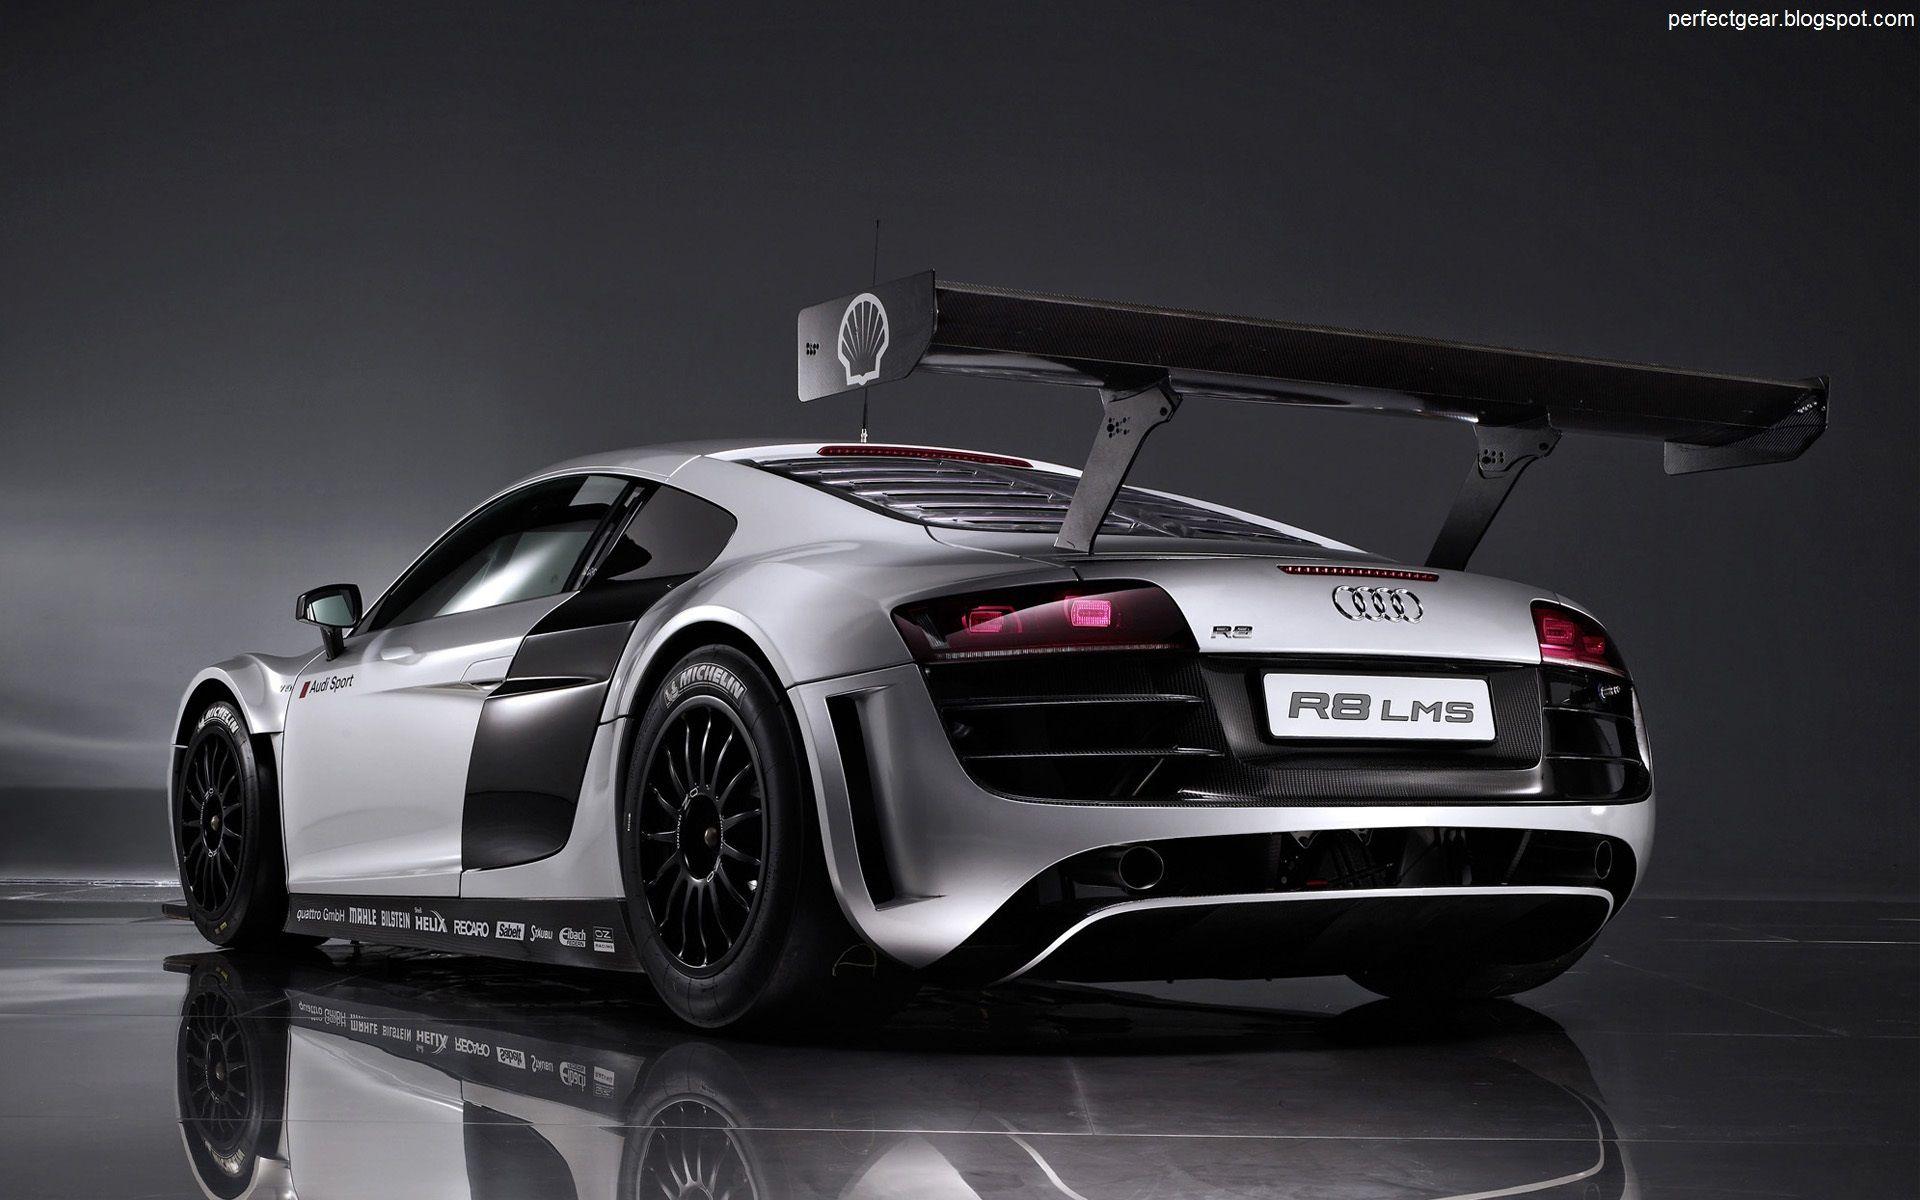 audi r11 wallpaper hd   Audi r11, Audi und Like11like   audi a8 sports car